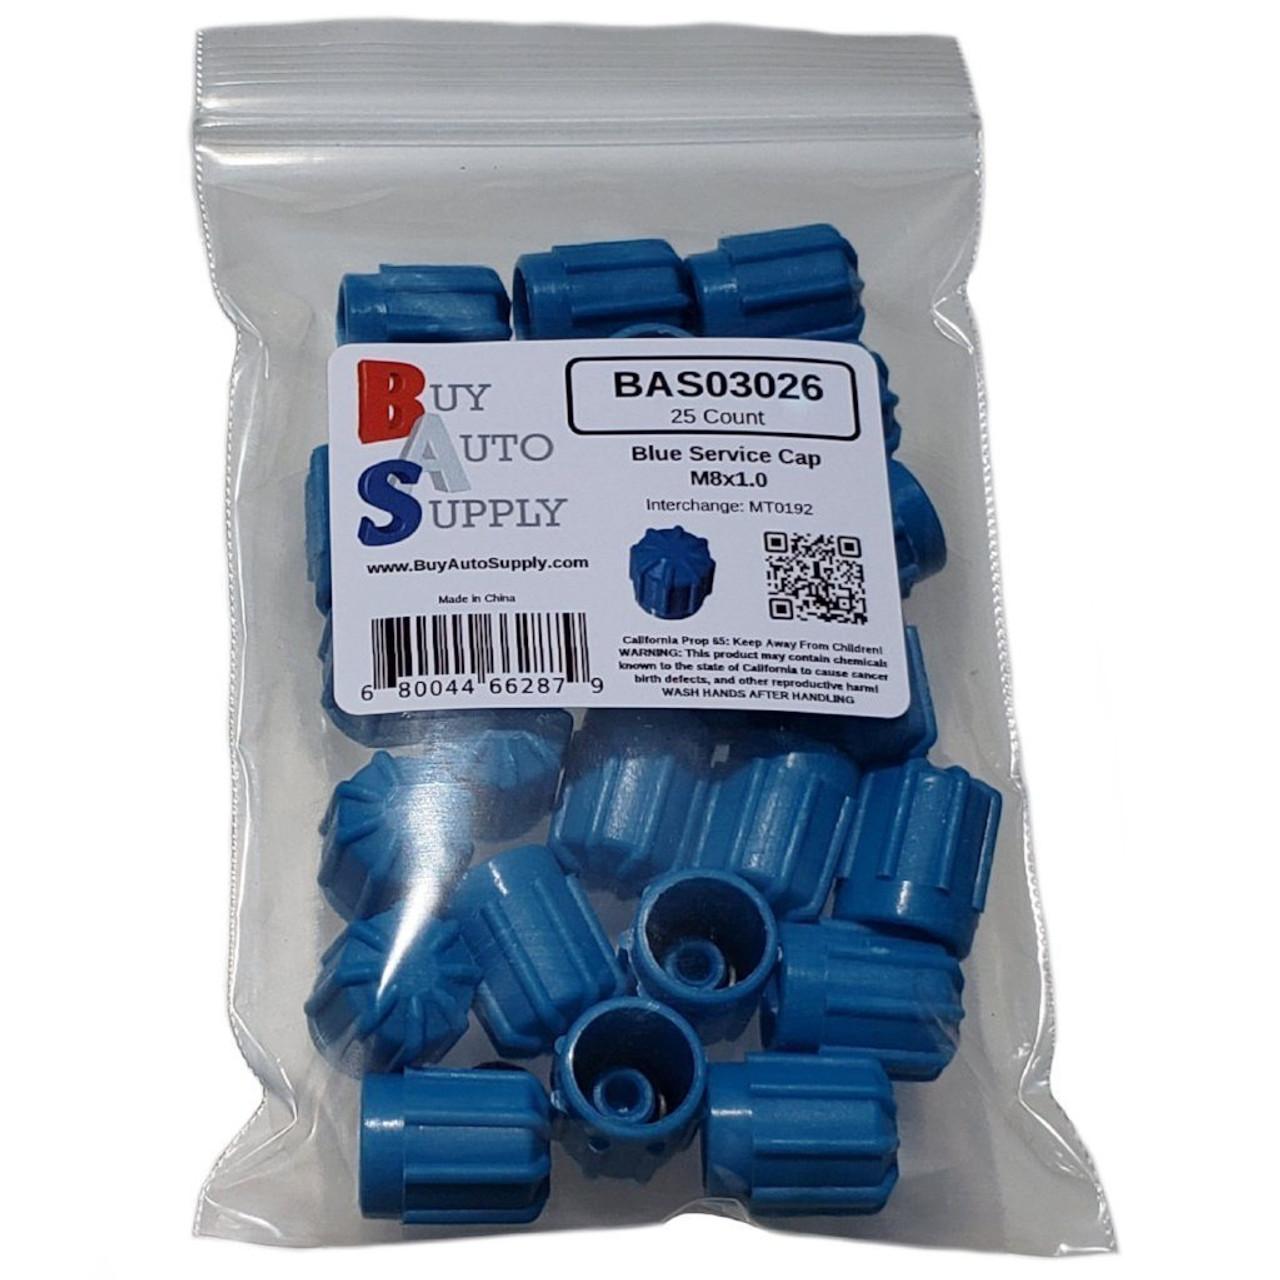 Bag of AC Service Port Caps - Blue Low Side M8x1.0